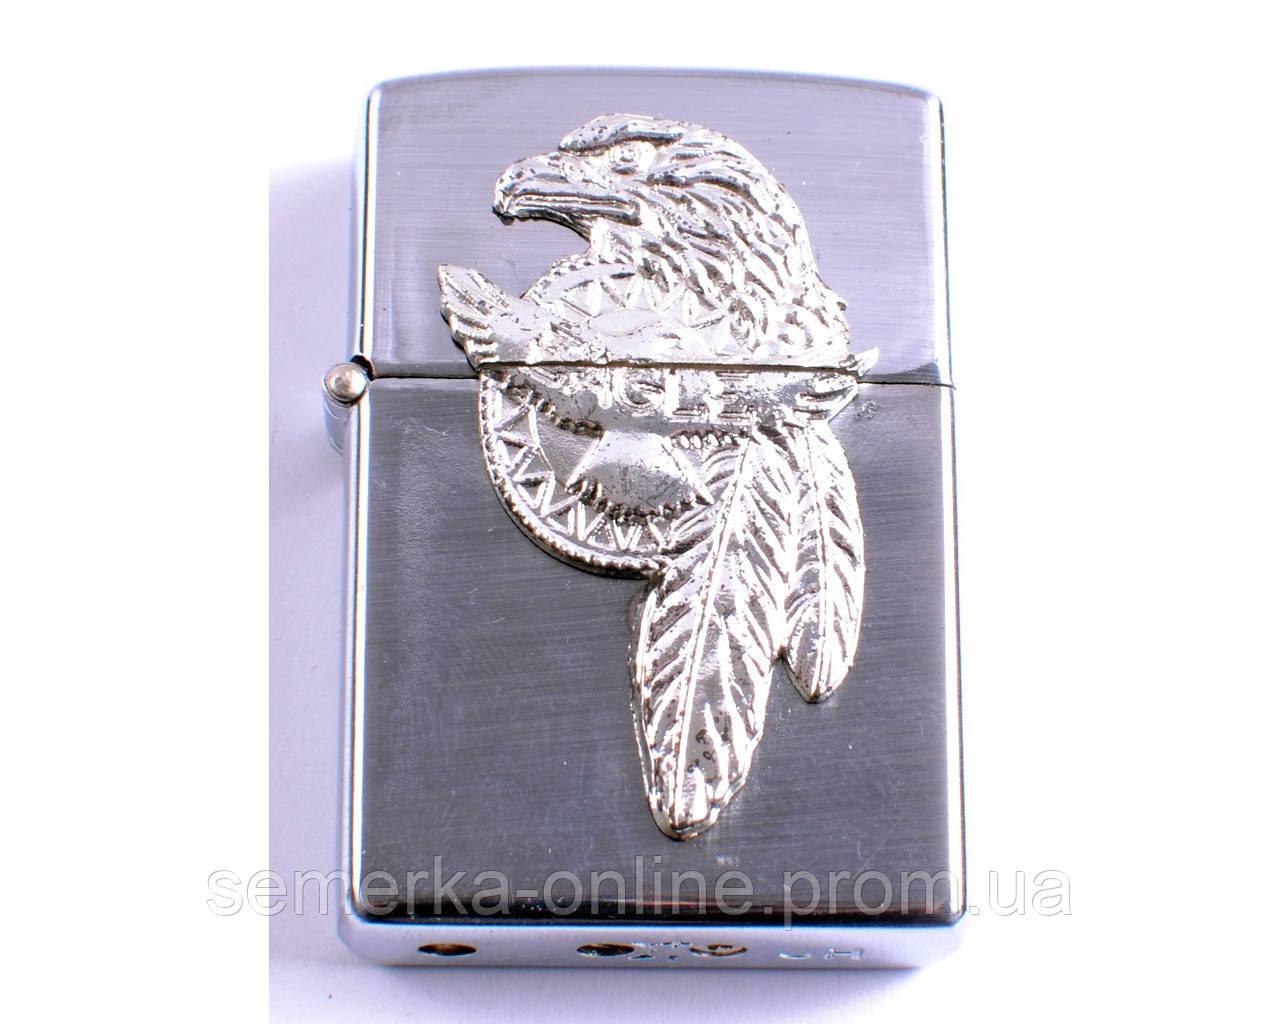 """Зажигалка фирменная, качественная """"Jinhong"""" парящий орел №0252-3. Острое пламя"""